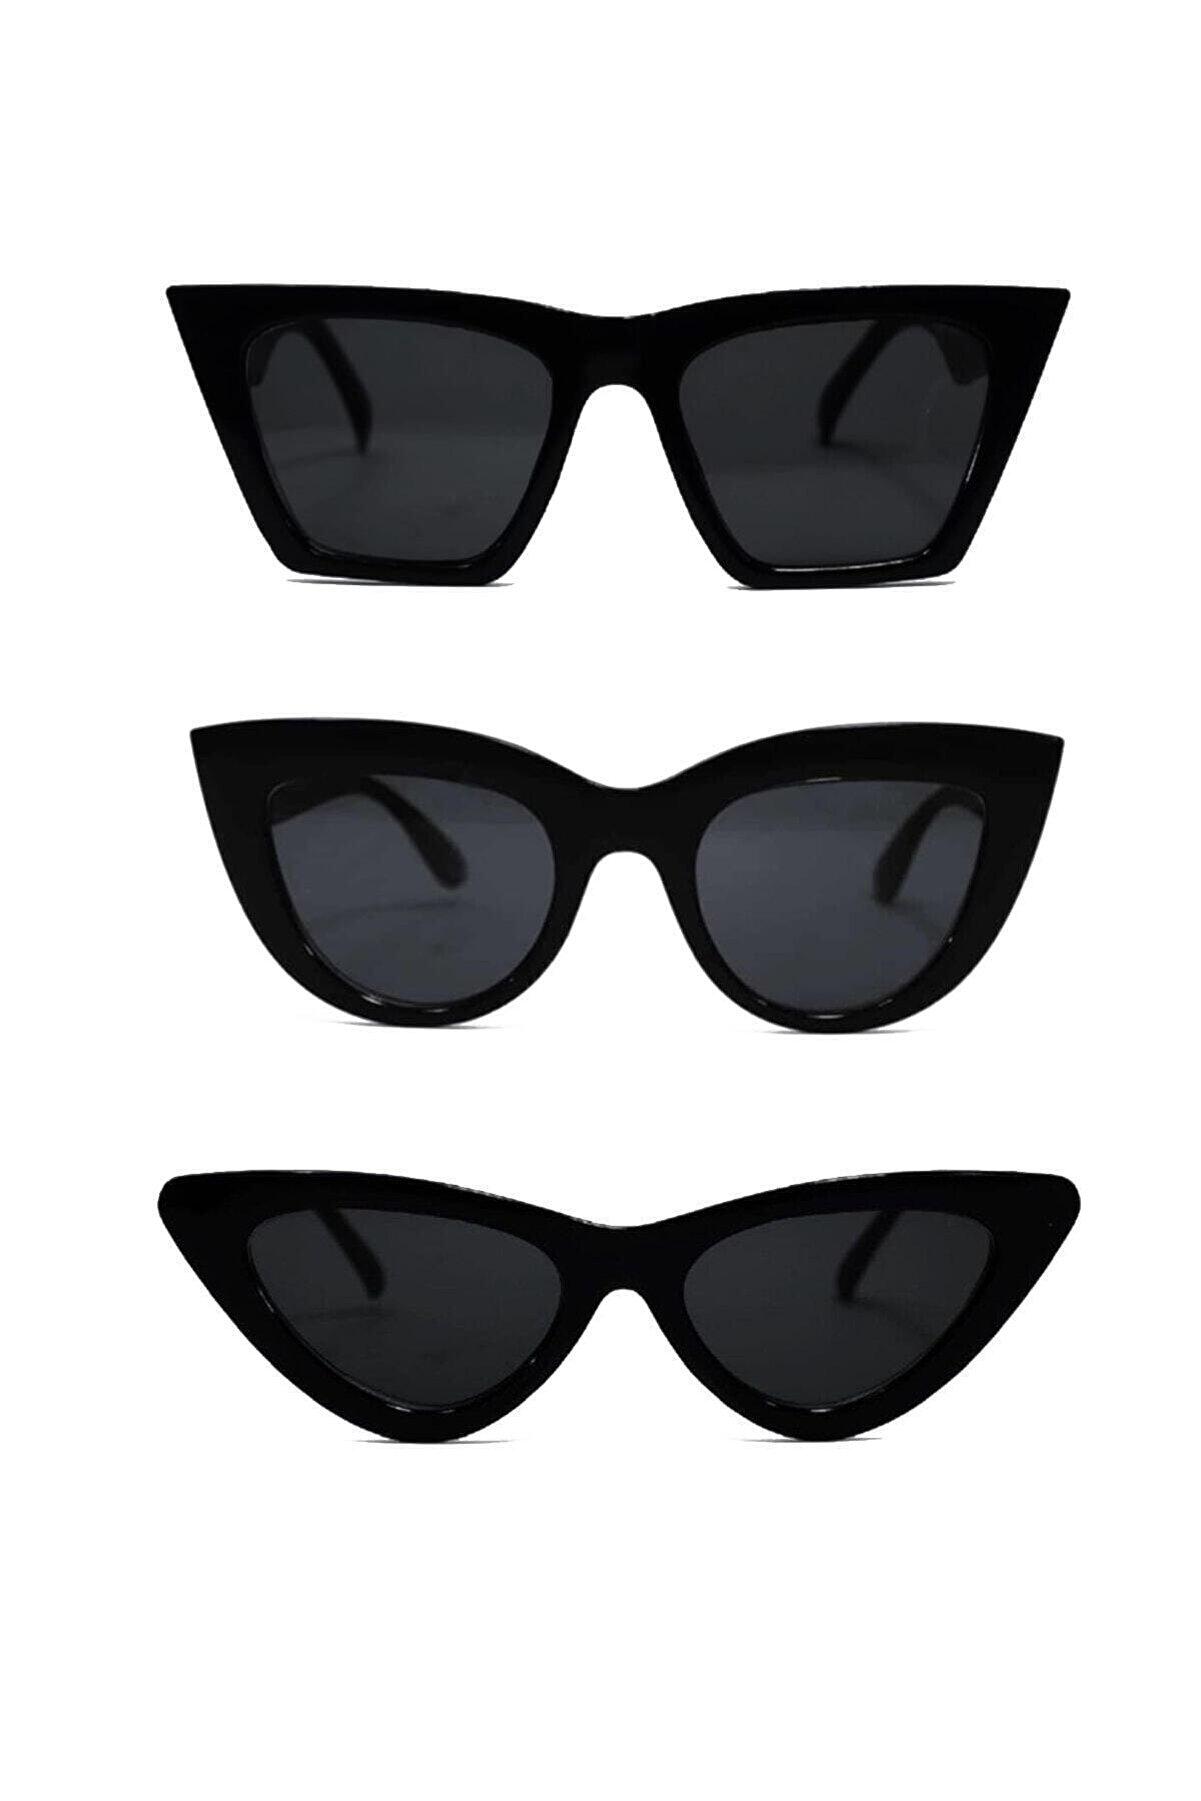 Mathilda Aksesuar Güneş Gözlüğü Unisex 3lü Set